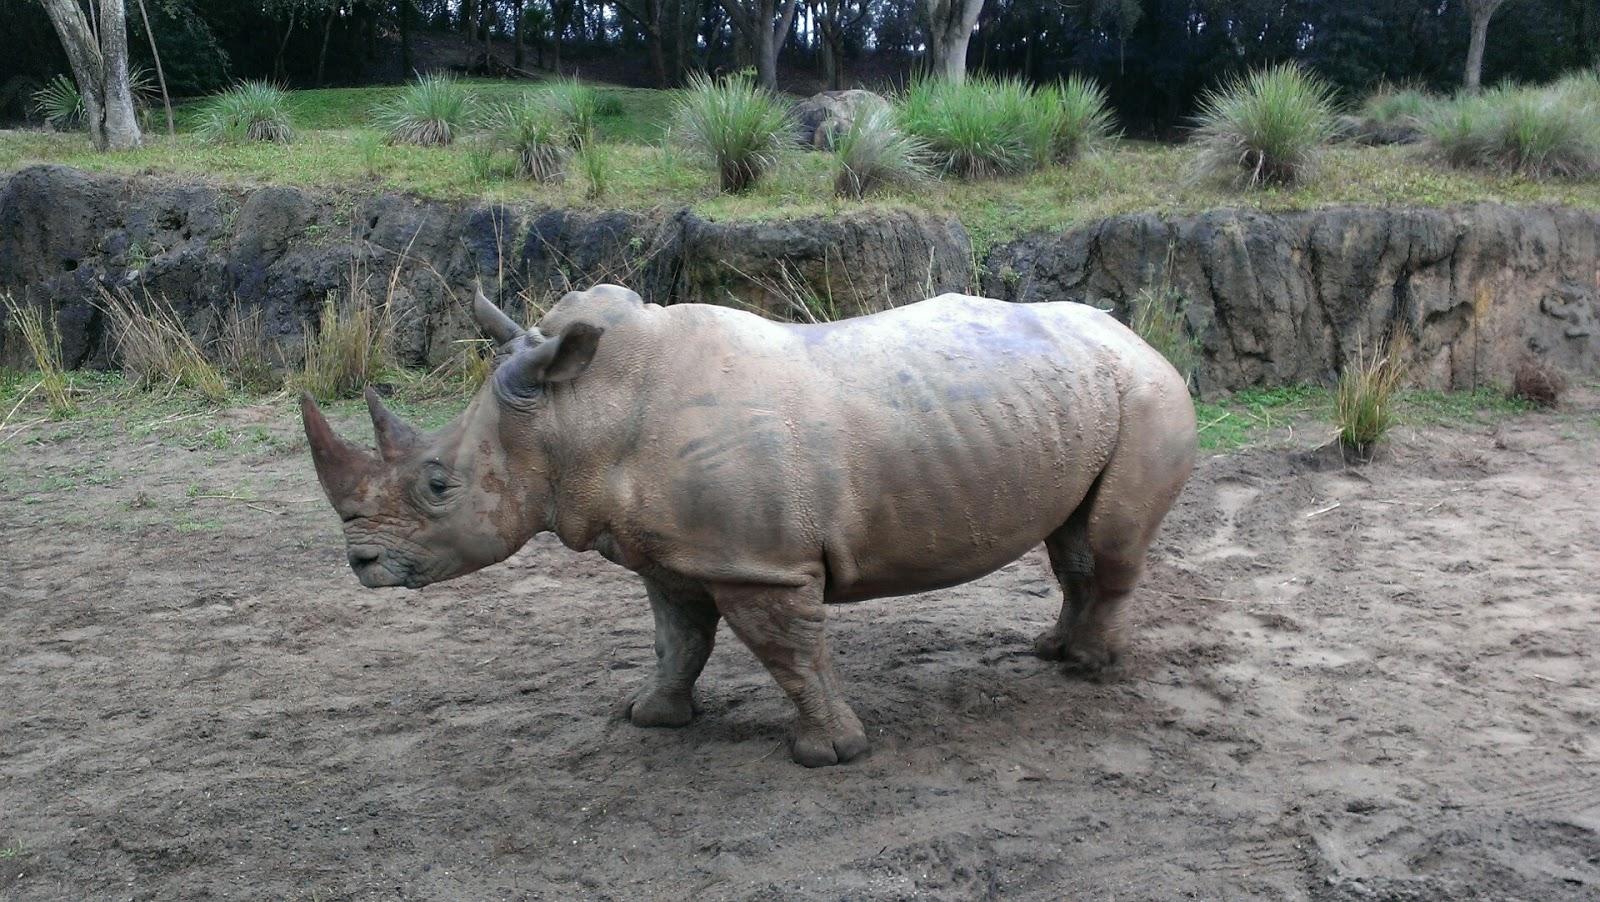 rhino walking in the mud